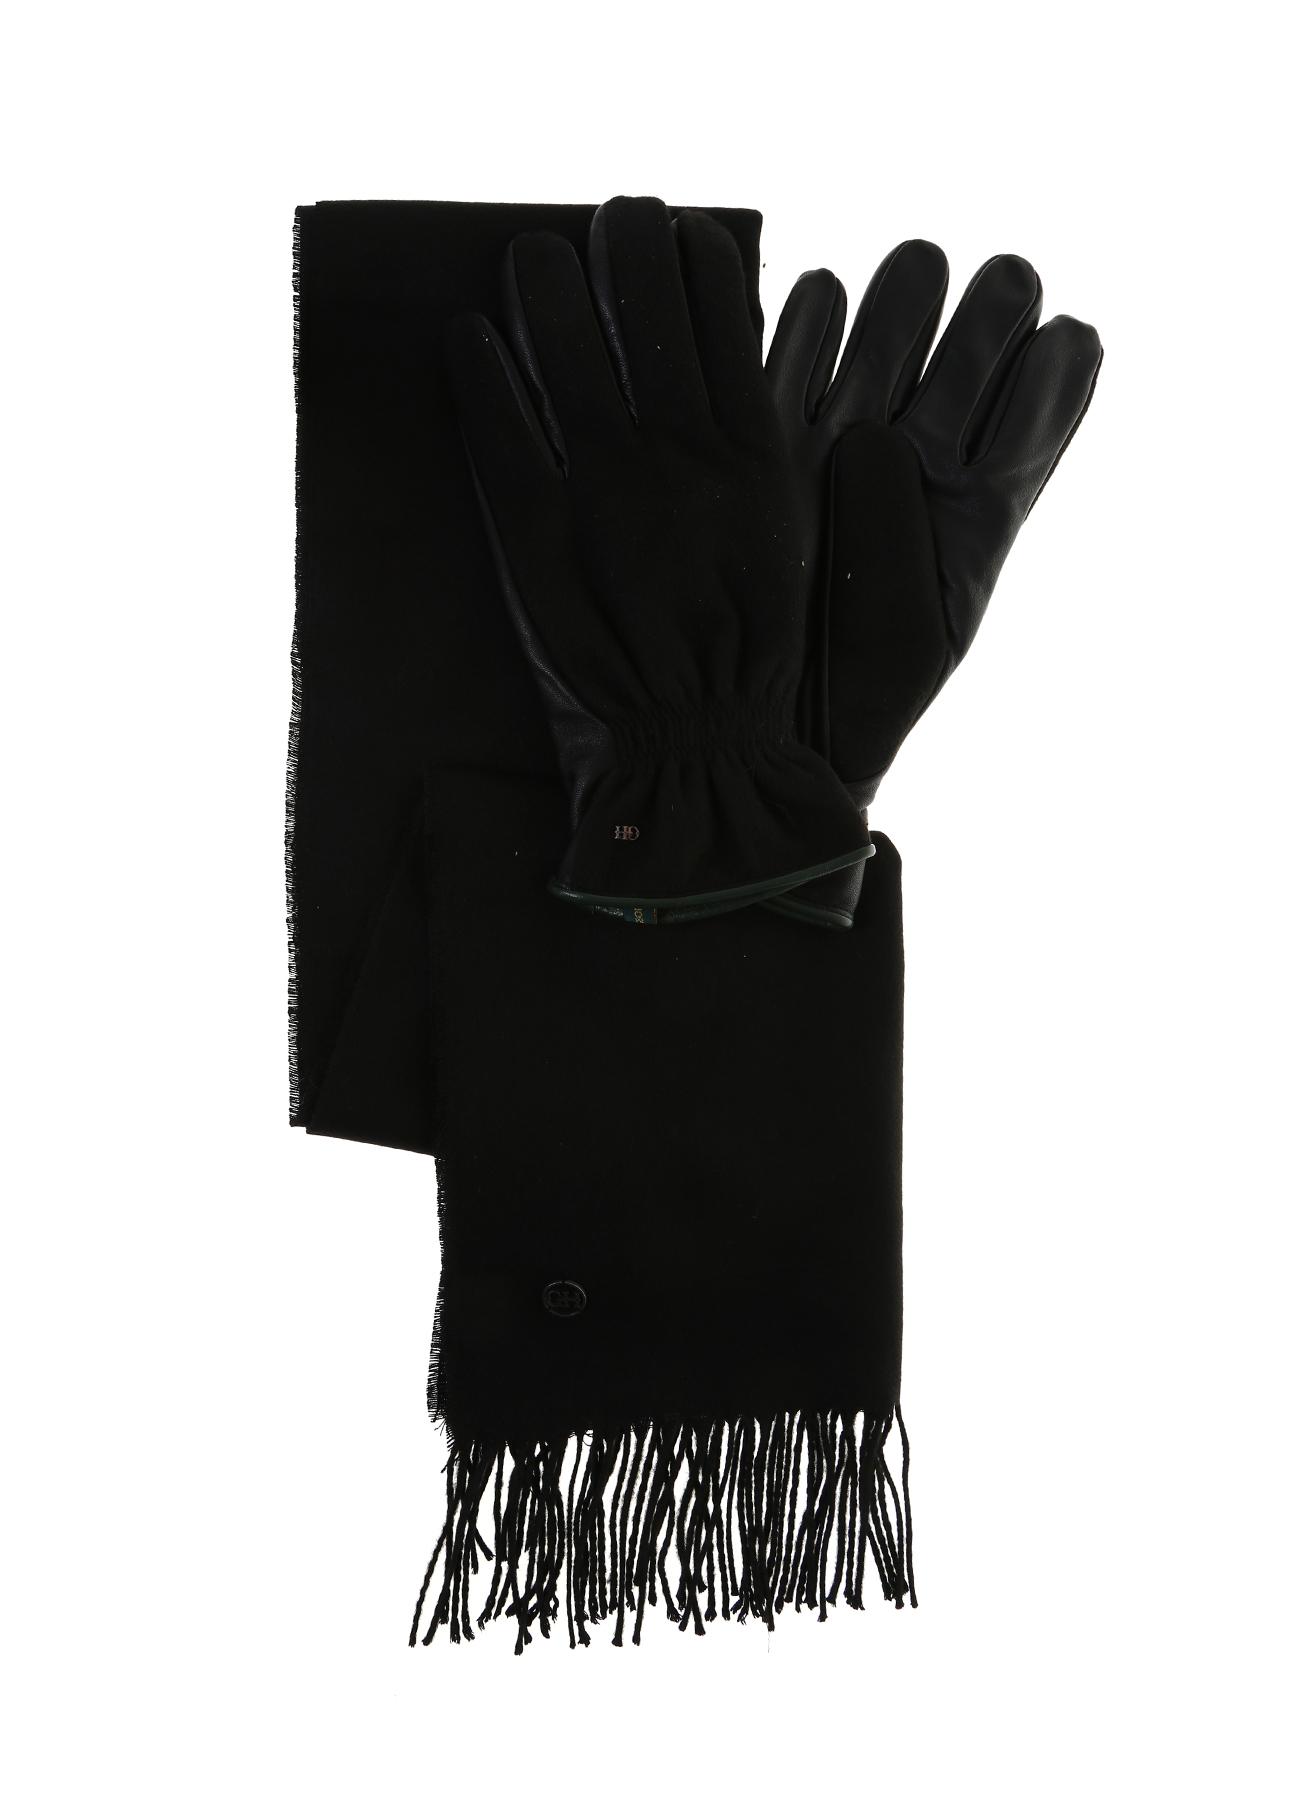 George Hogg Siyah Atkı Bere Eldiven Tk M 5002327128002 Ürün Resmi